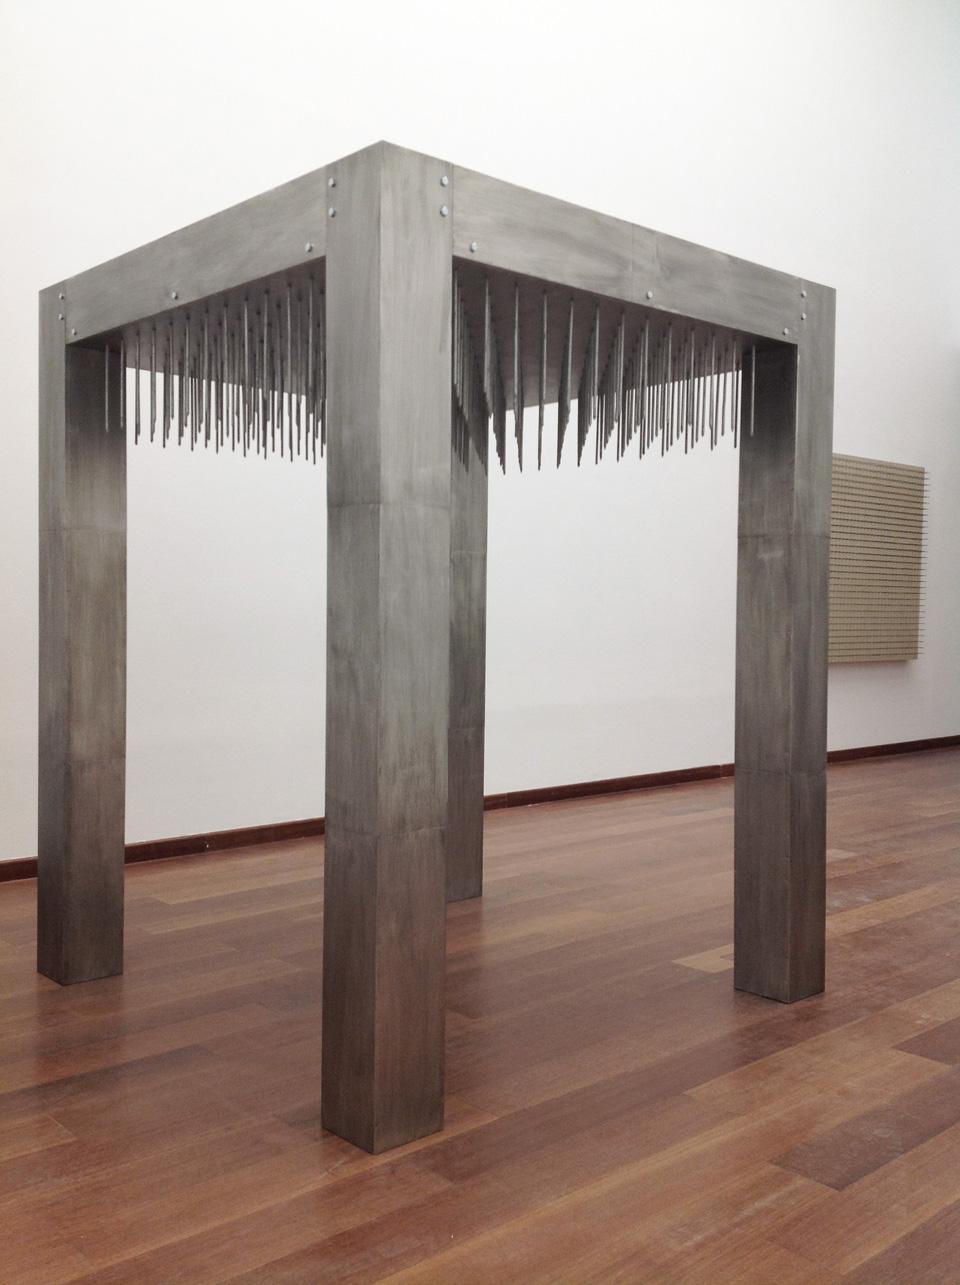 Günther Uecker, Nageltisch, 1968 / 2014, Sammlung ZERO foundation